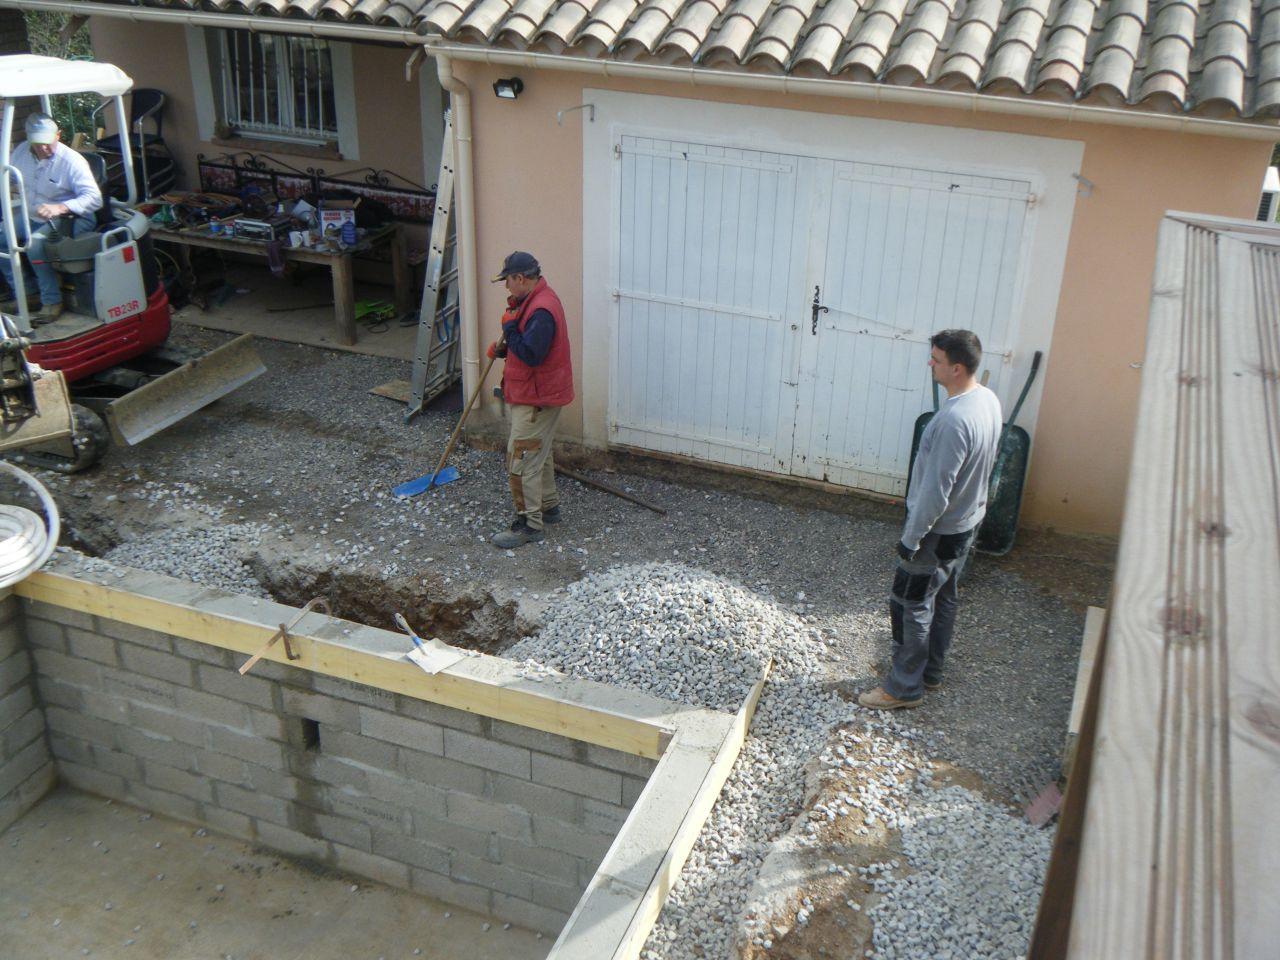 Photo comblement construction pose de la piscine for Forum construction piscine 56